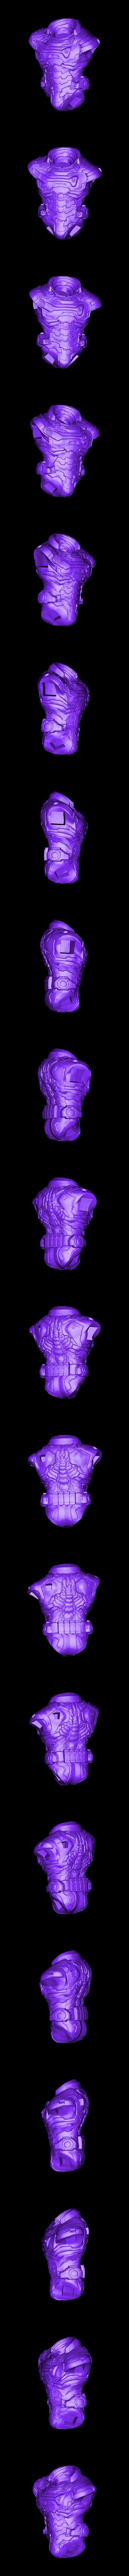 Body.stl Télécharger fichier STL TUEUR À GAGES • Objet à imprimer en 3D, freeclimbingbo